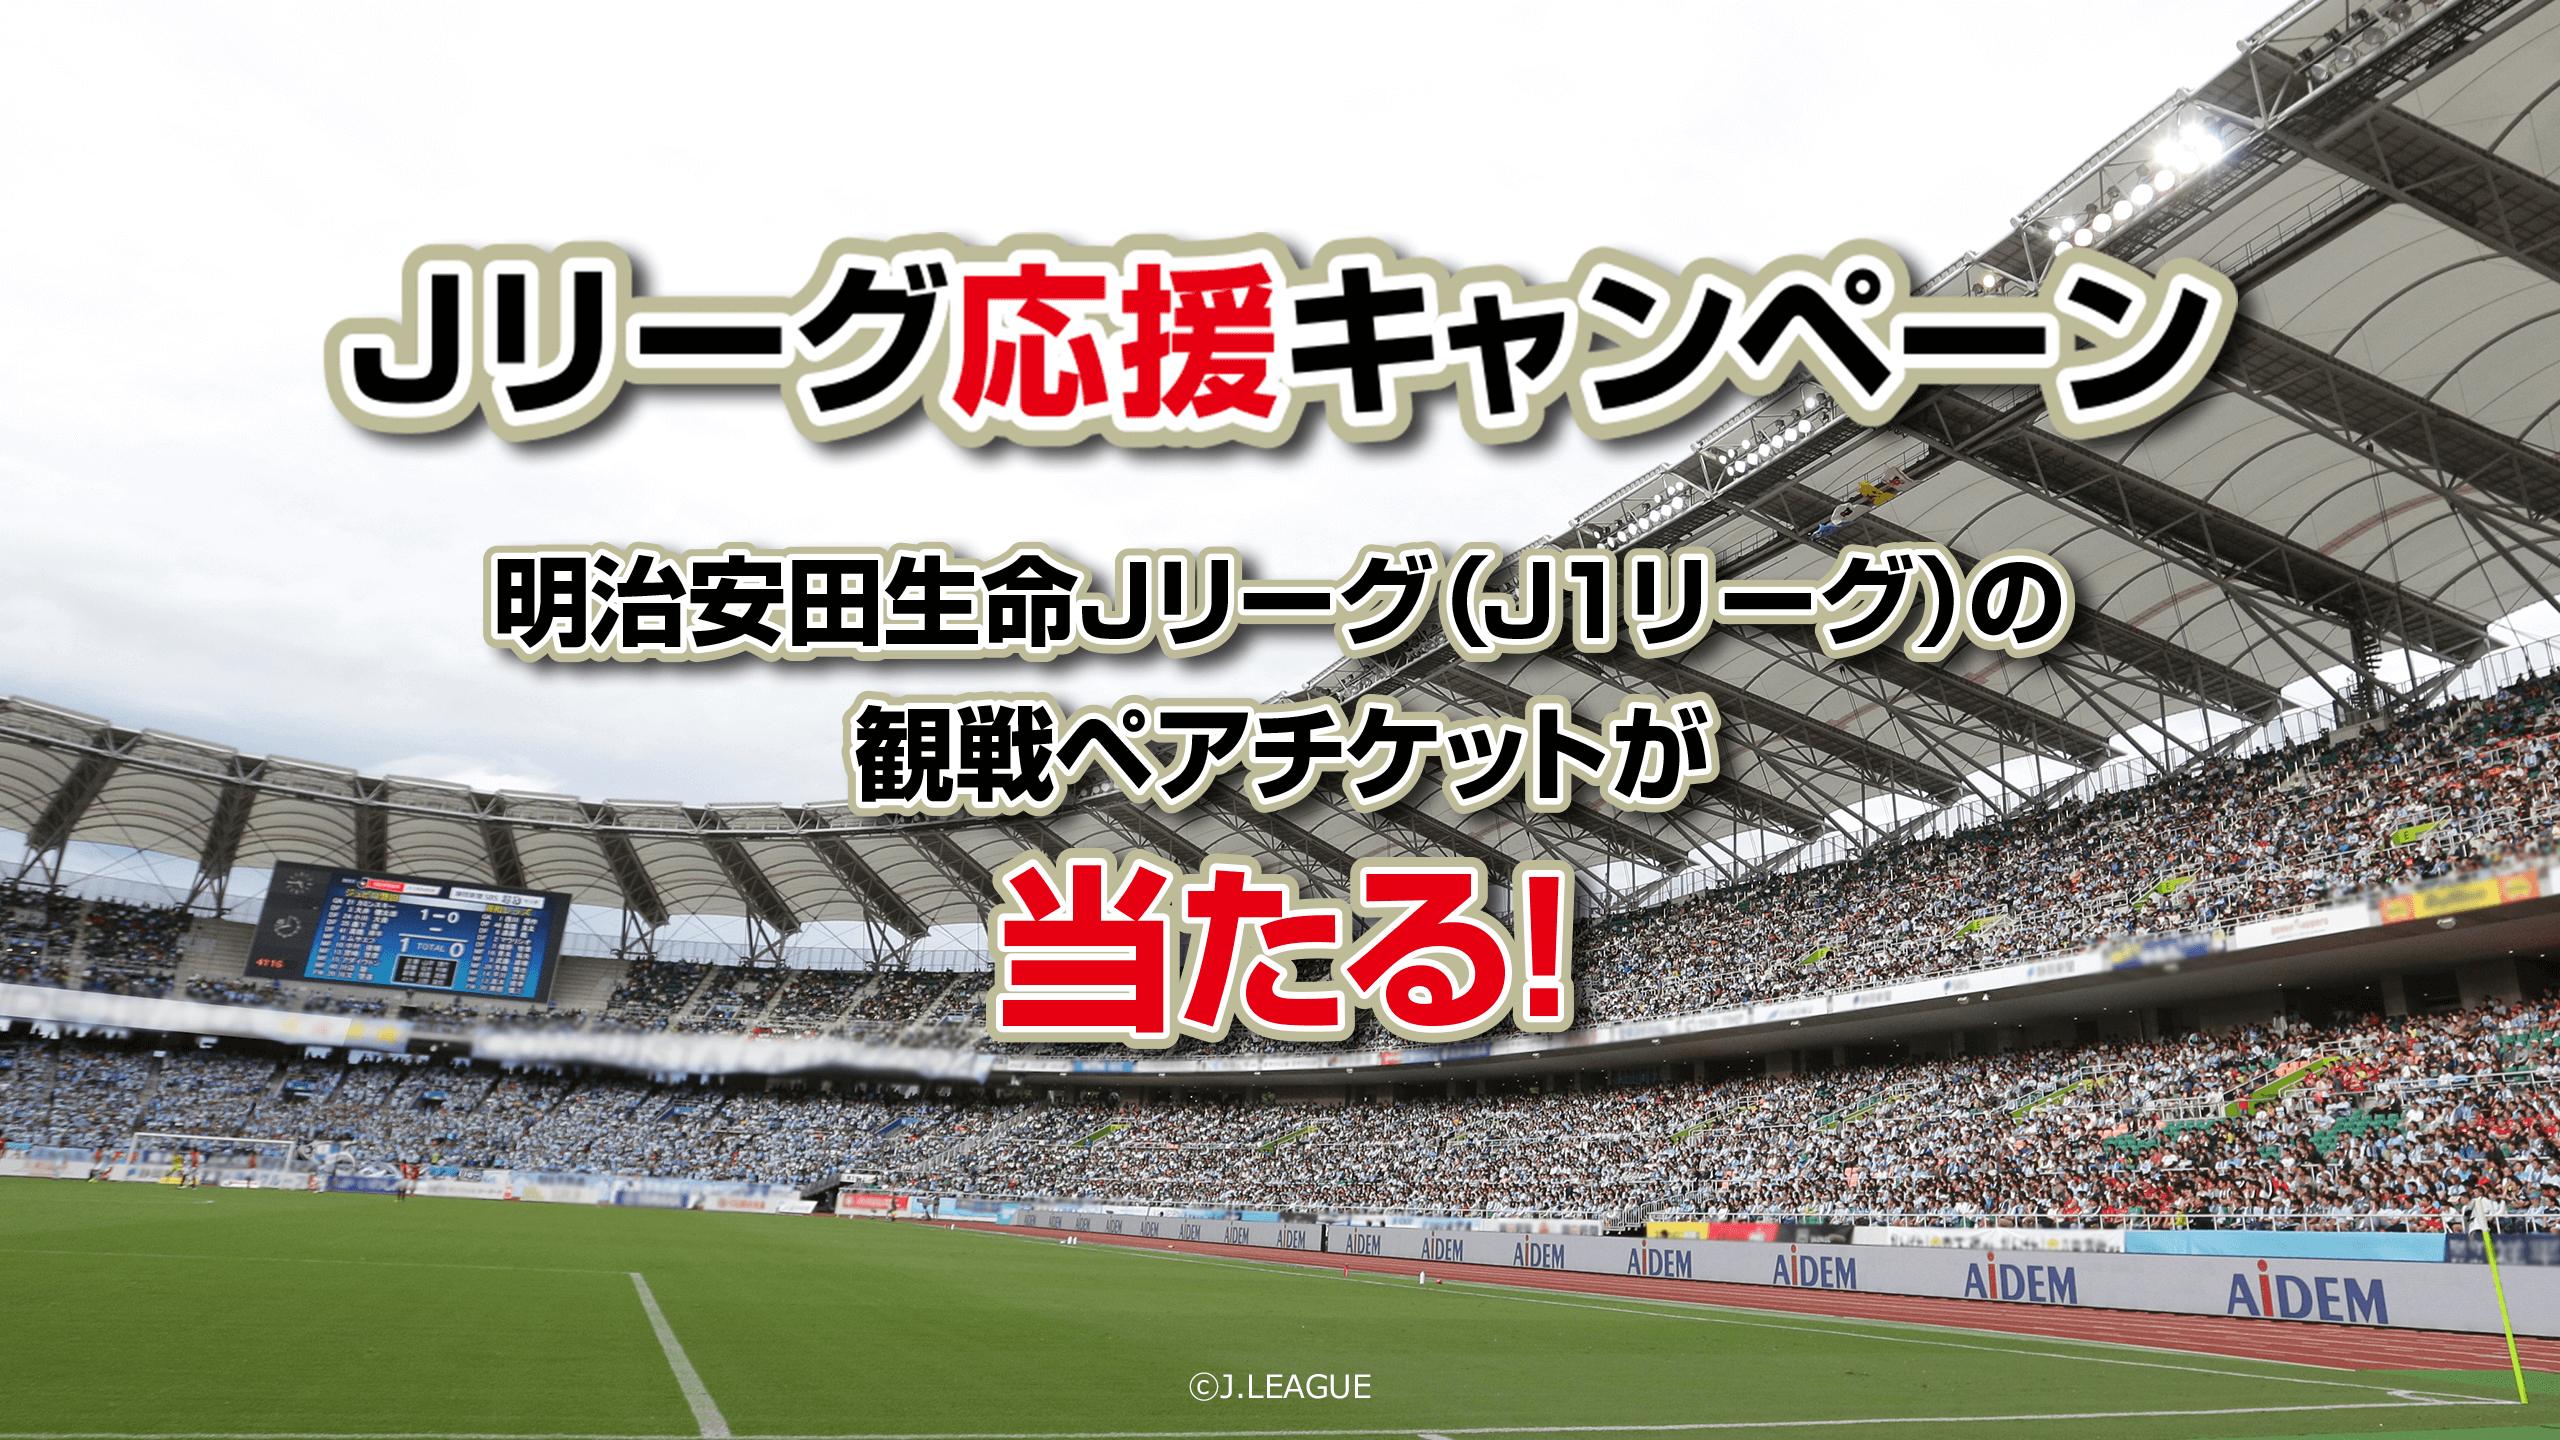 【Jリーグ応援キャンペーン】明治安田生命Jリーグ(J1リーグ)の観戦ペアチケットが当たる!